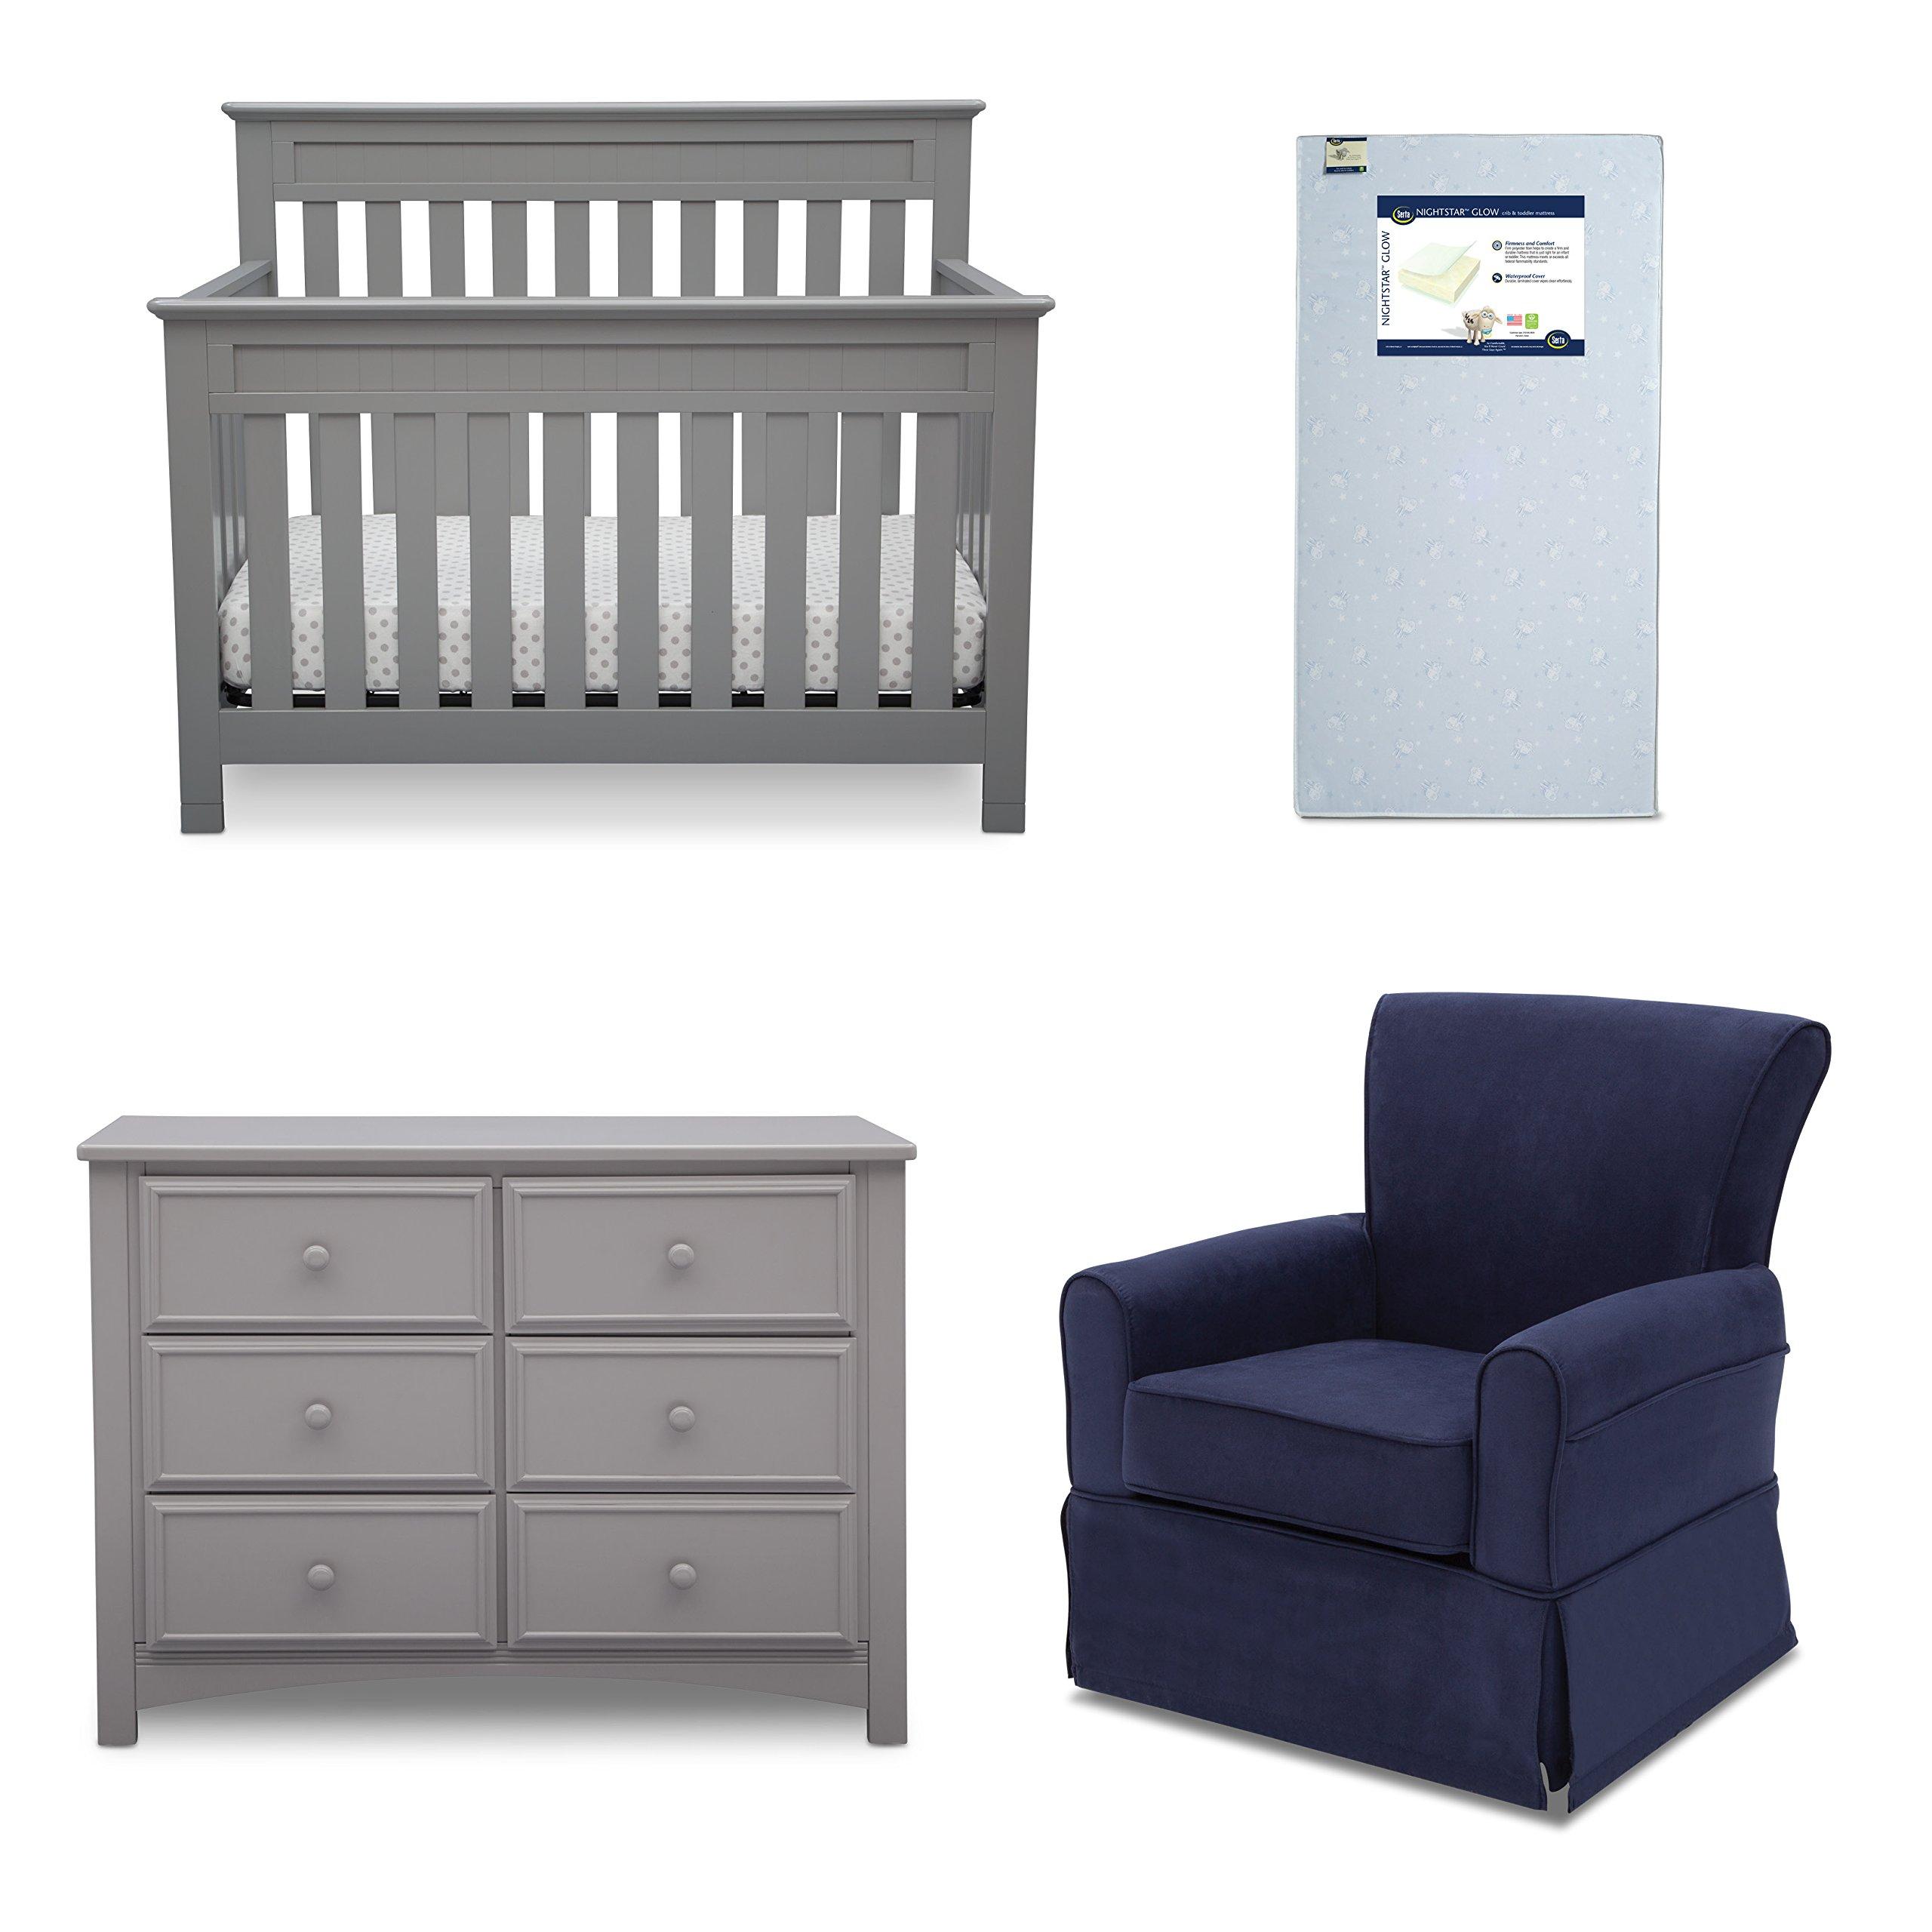 Delta Children Chalet 4-Piece Mix & Match Nursery Furniture Set (Convertible Crib, Dresser, Glider, Crib Mattress), Grey